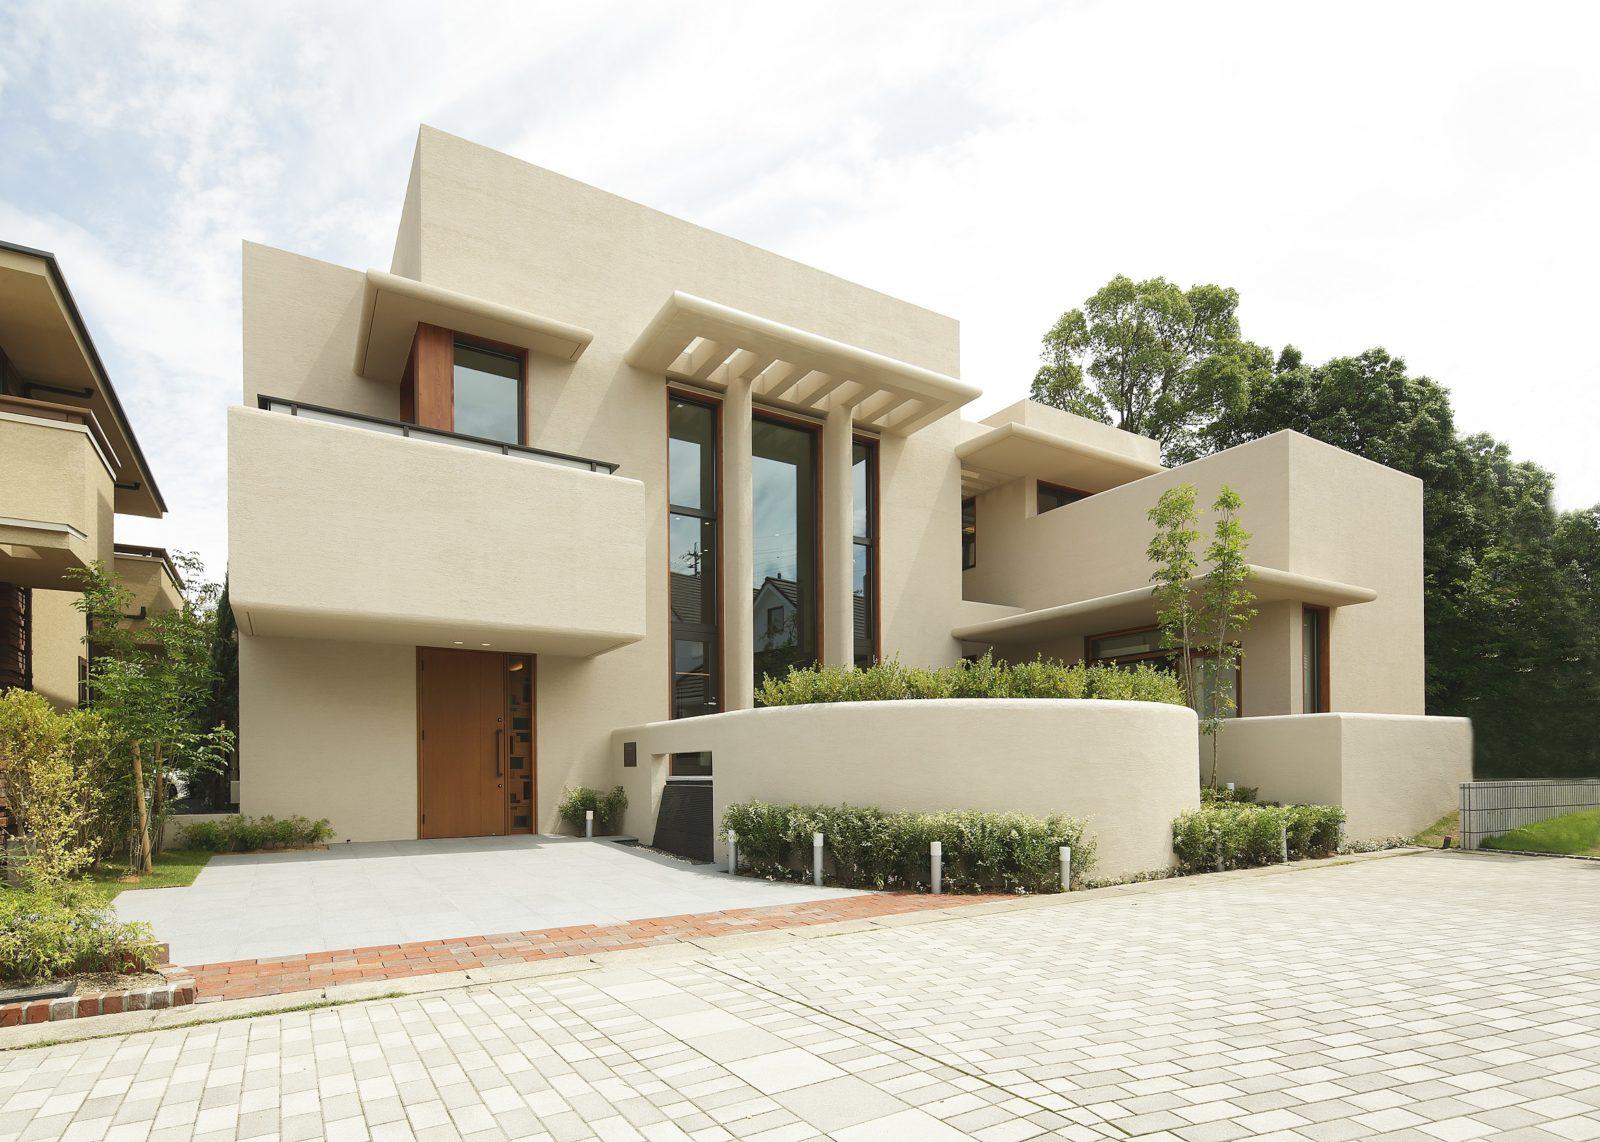 外観 オーガニックハウス北九州イコーハウス注文住宅デザインmoonstreamスタイル